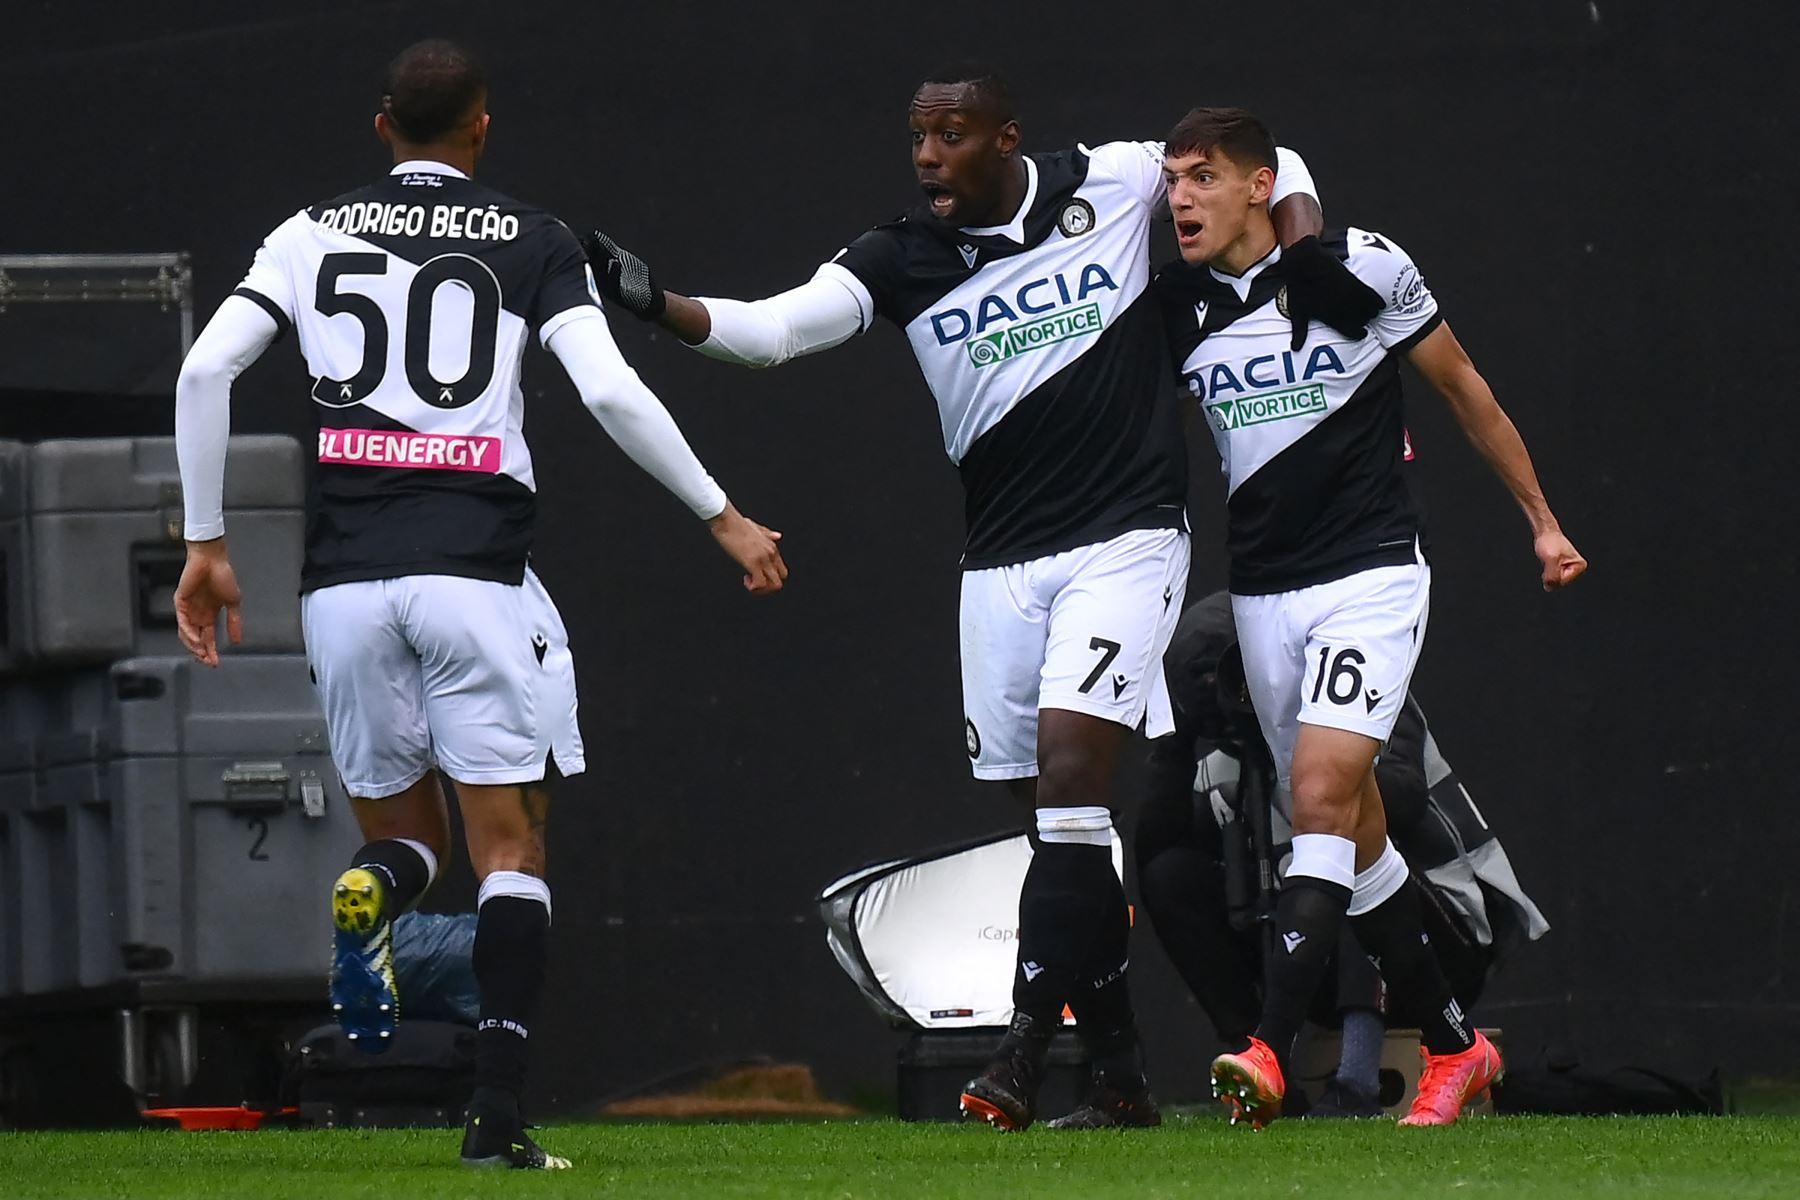 El centrocampista uruguayo del Udinese Nahuel Molina  celebra con su compañero el delantero italiano del Udinese Stefano Okaka después de marcar un gol durante el partido de fútbol de la Serie A italiana entre el Udinese y la Juventus. Foto: AFP